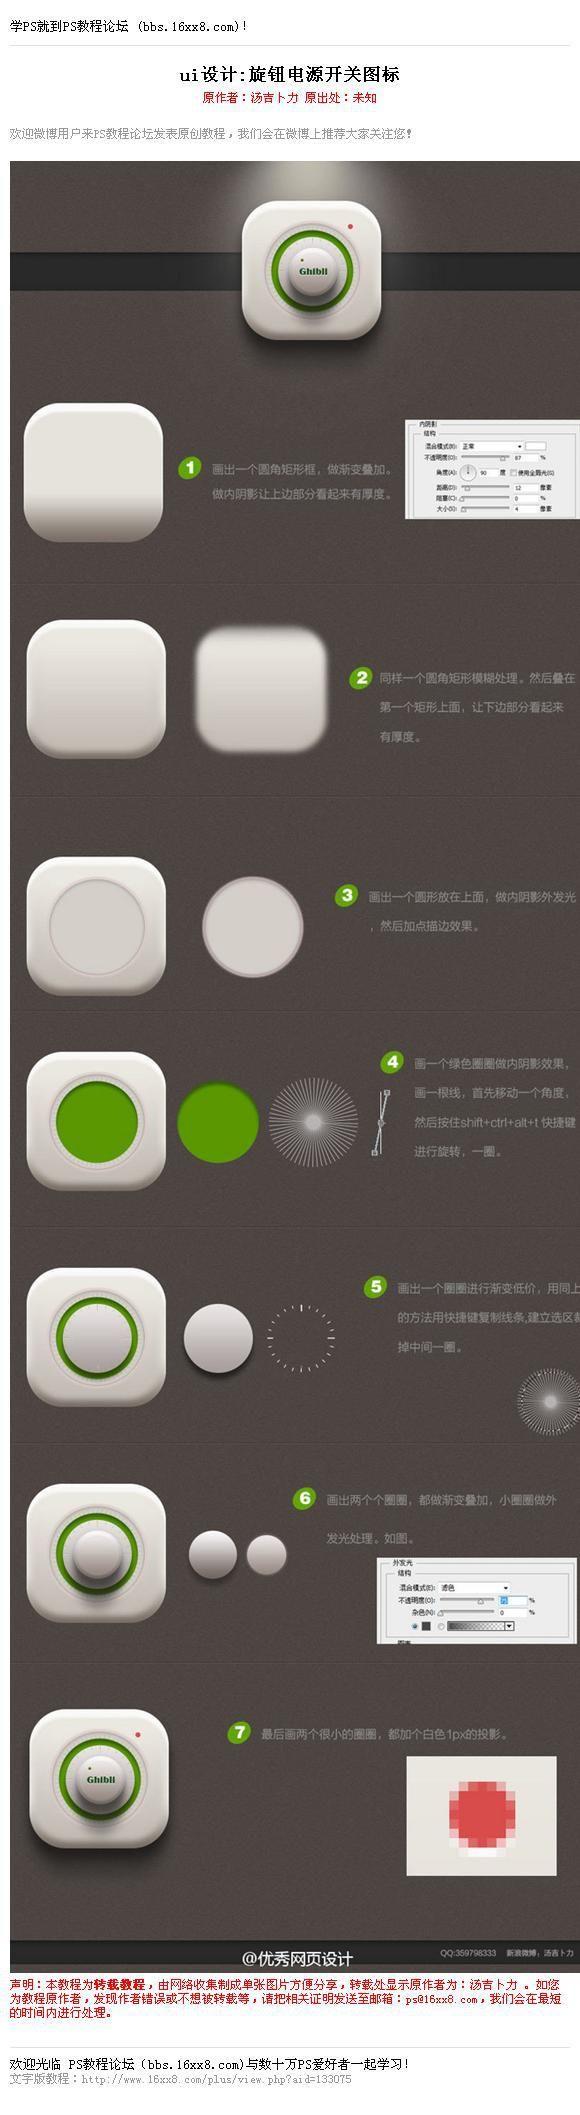 #UI设计教程#《ui设计:旋钮电源开关...